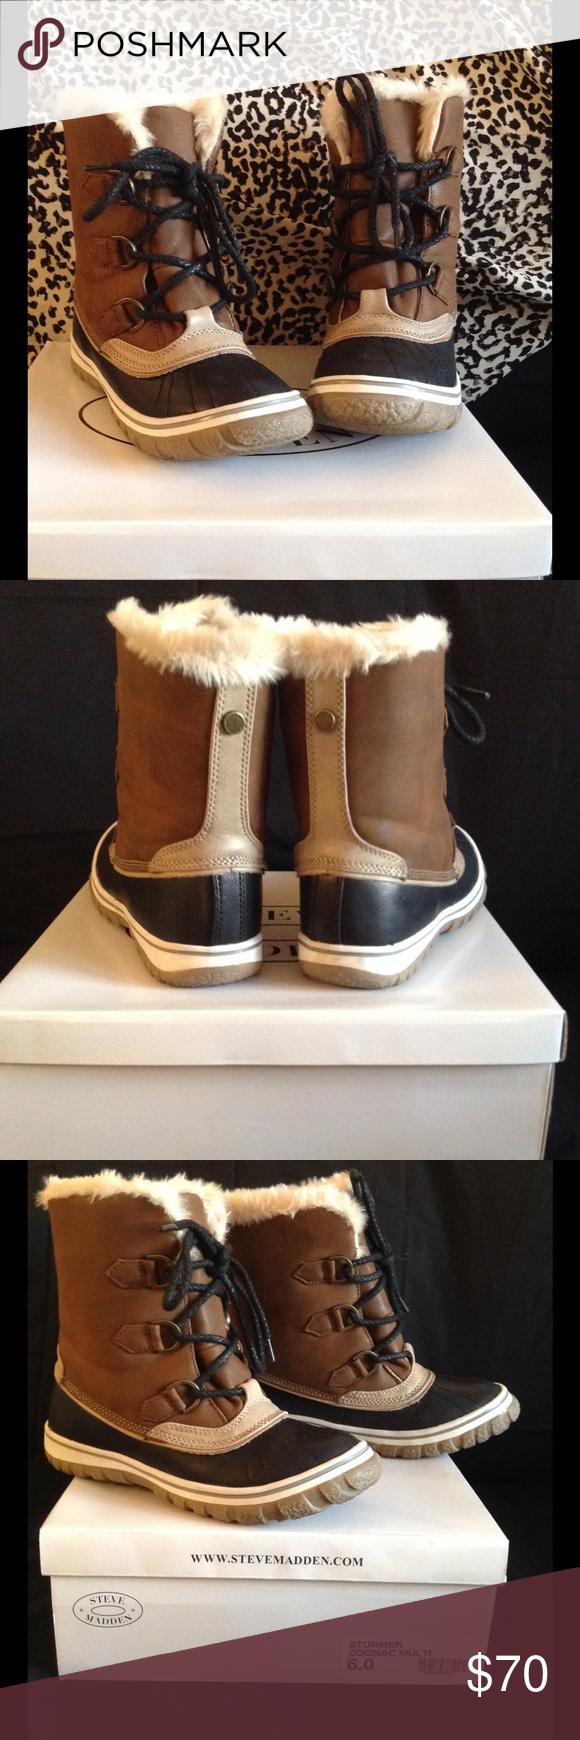 Steve Madden winter boots size 6